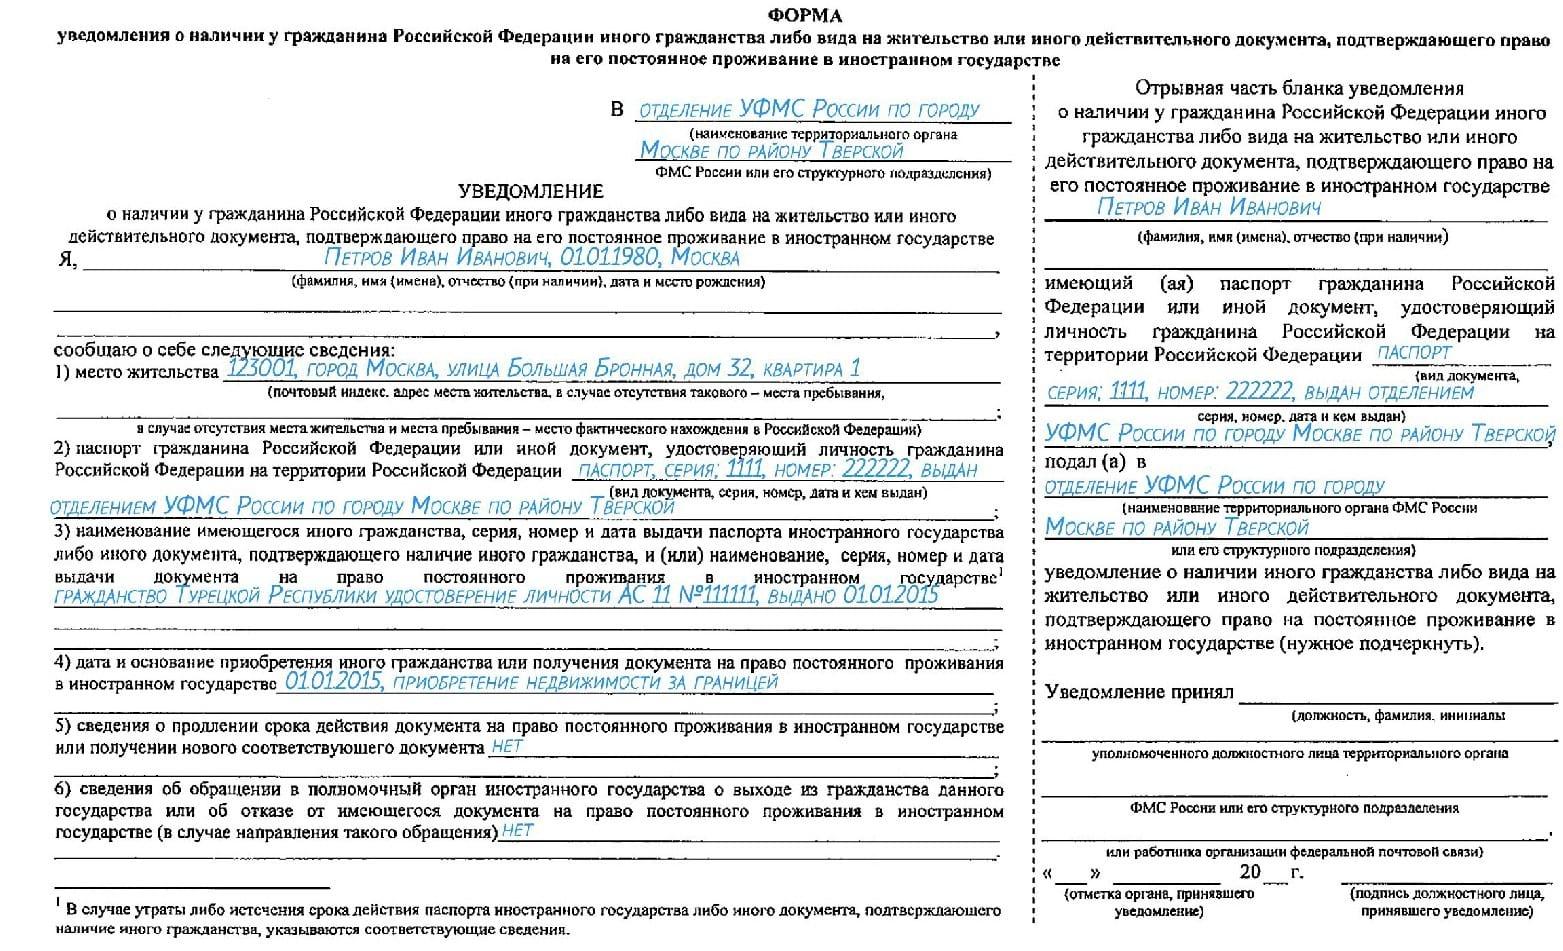 Уведомление о наличии гражданства иностранного государства